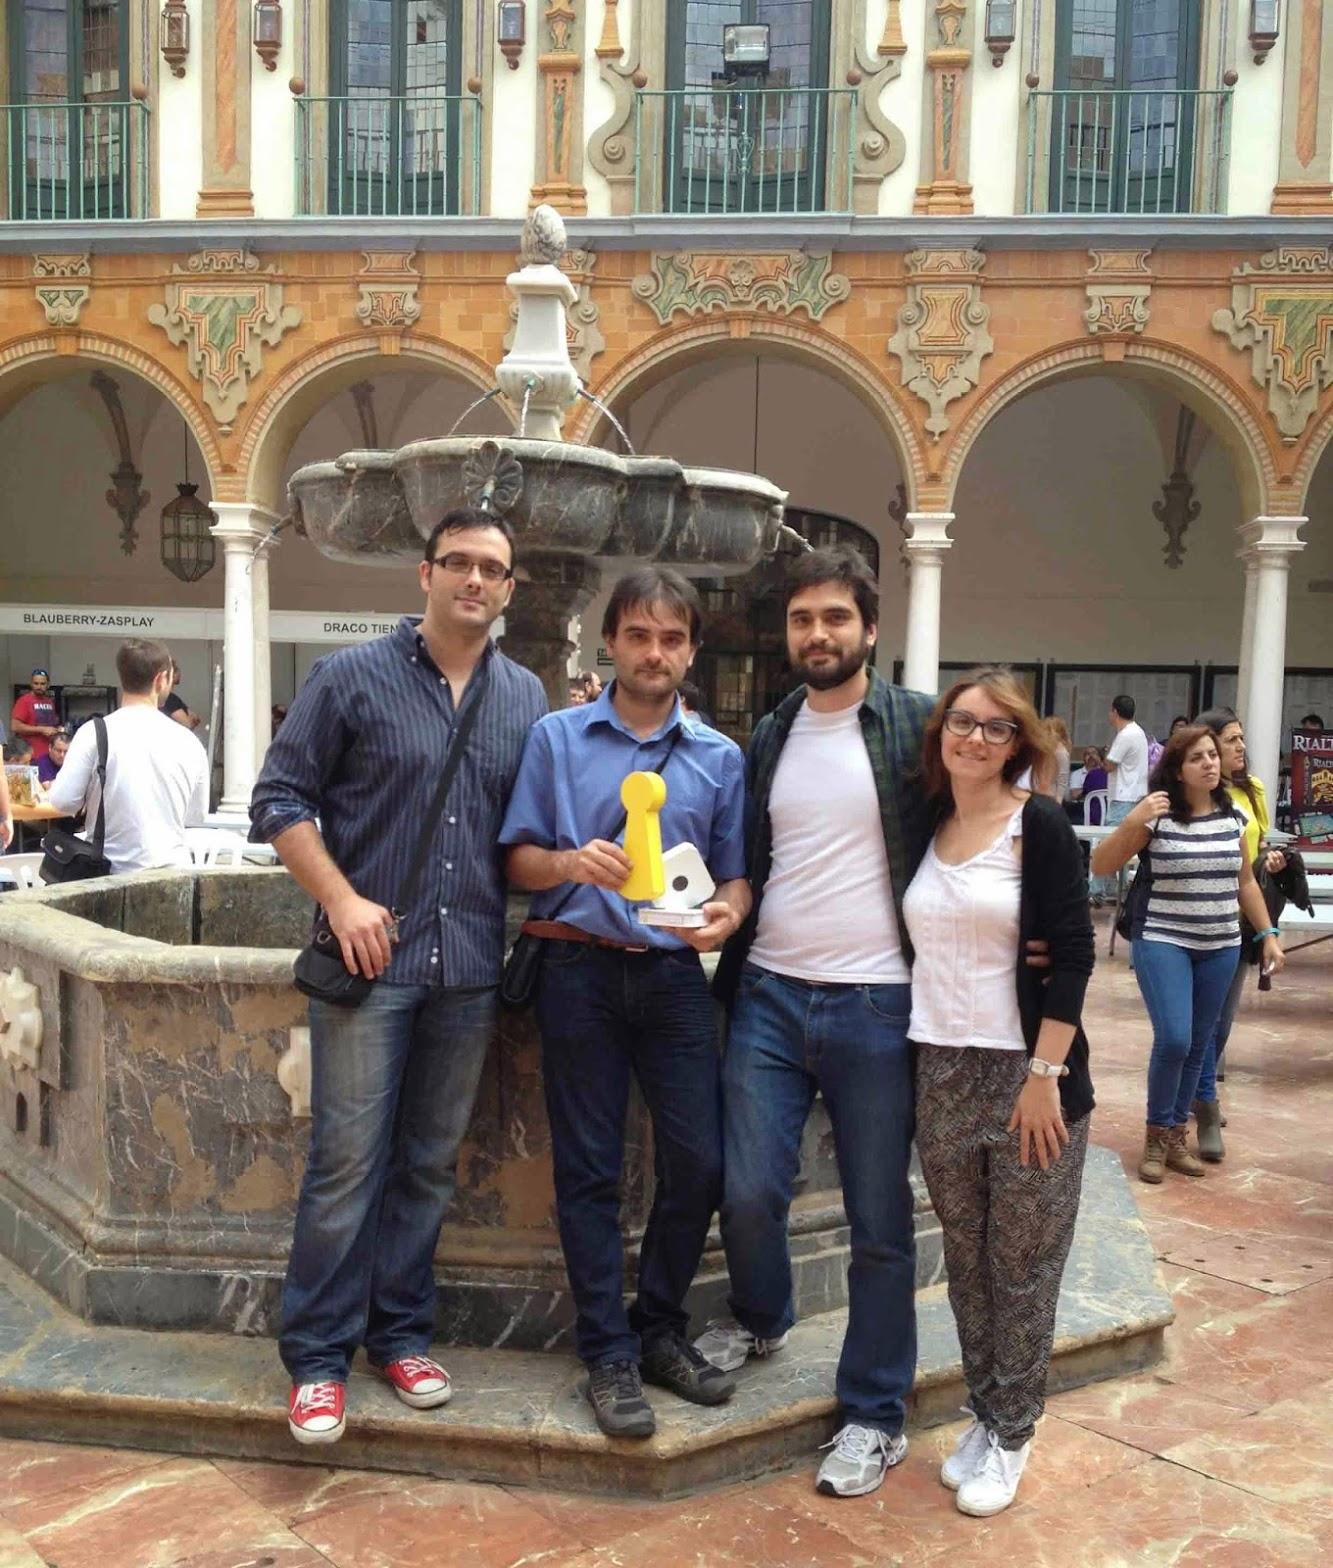 luis-valleaguado-4-premio-populi-turolii